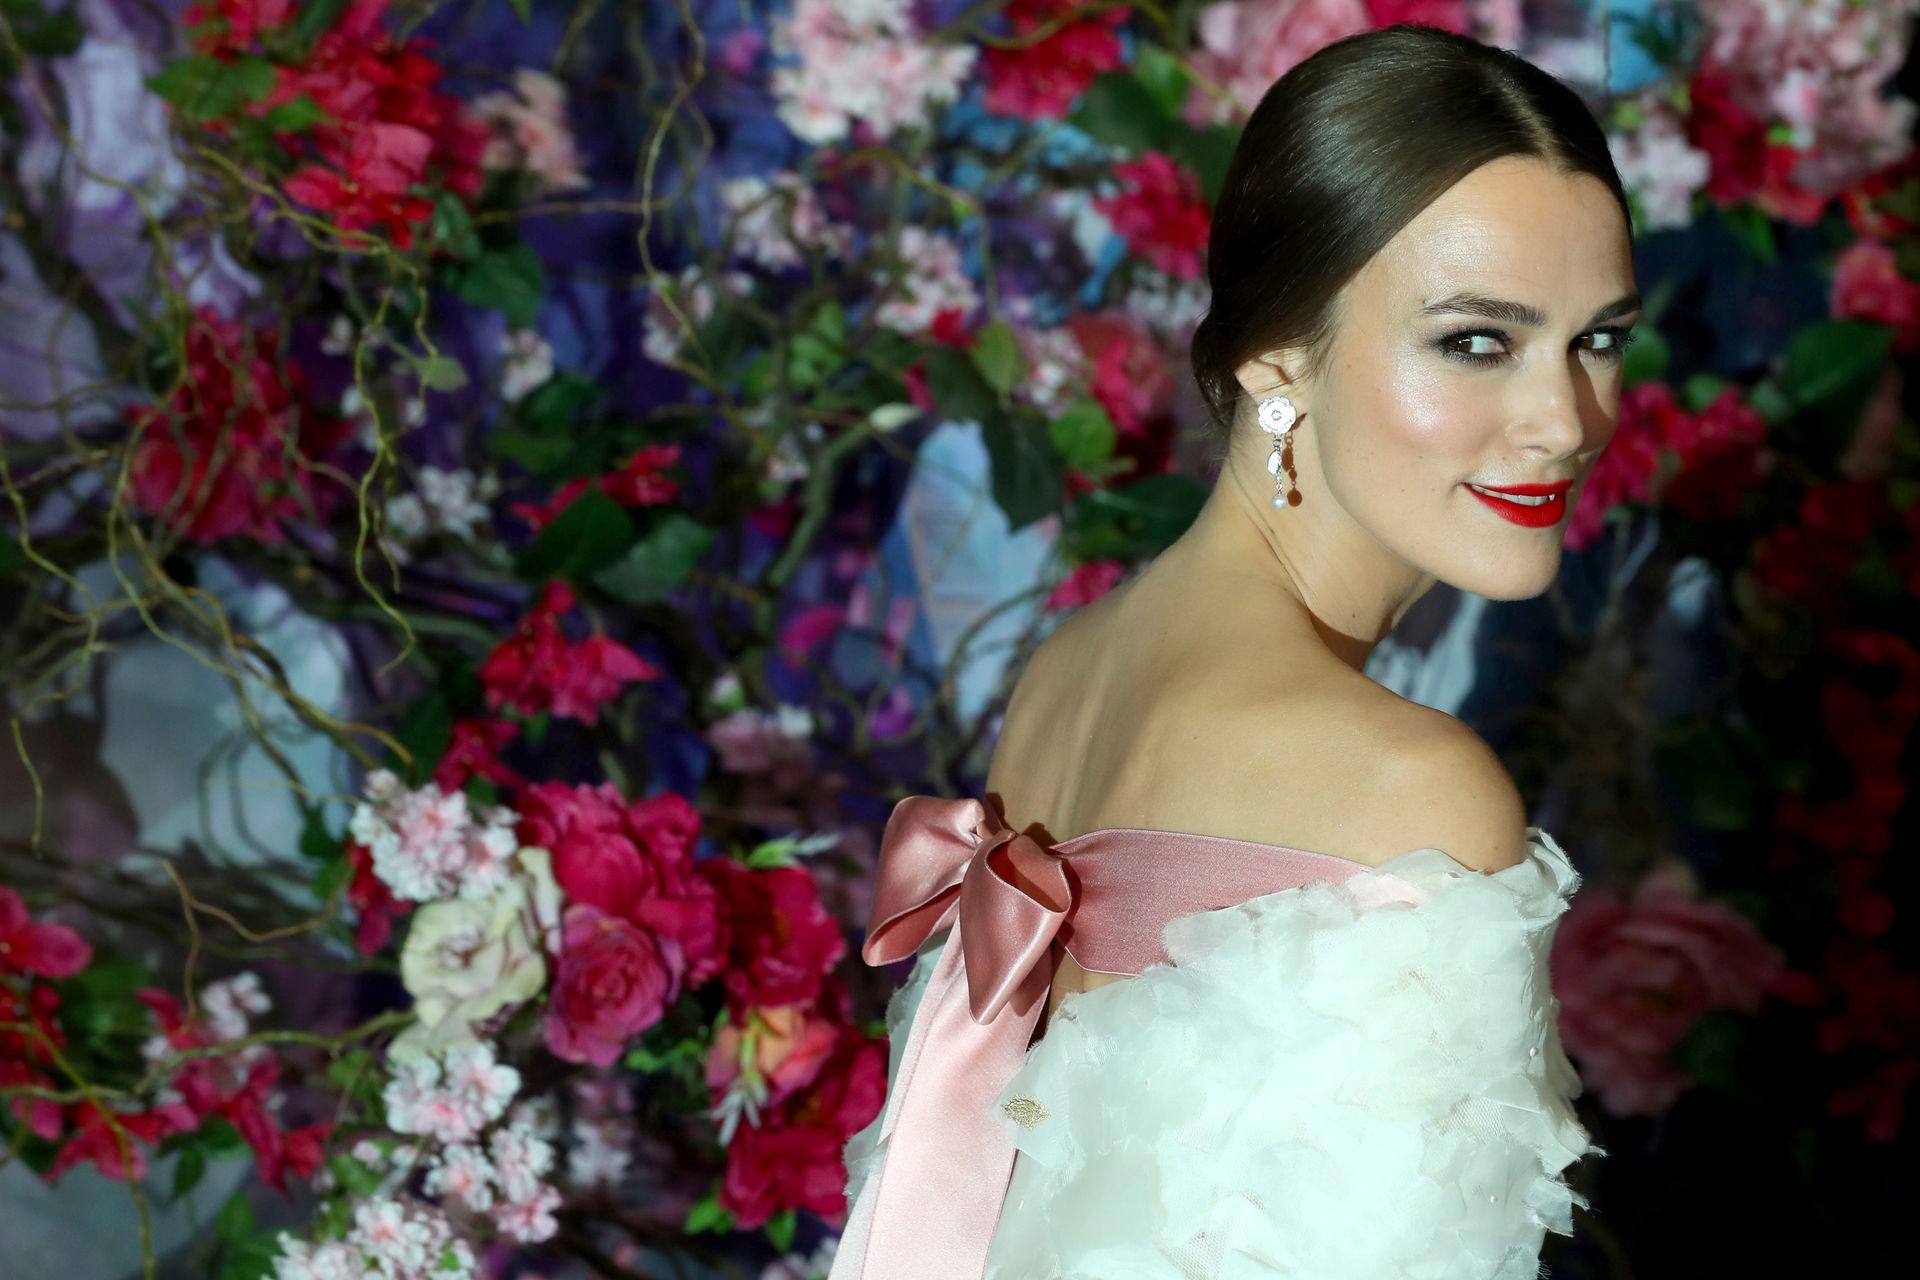 Keira Knightly nie pozwala córce oglądać bajek Disneya z Ariel i Kopciuszkiem